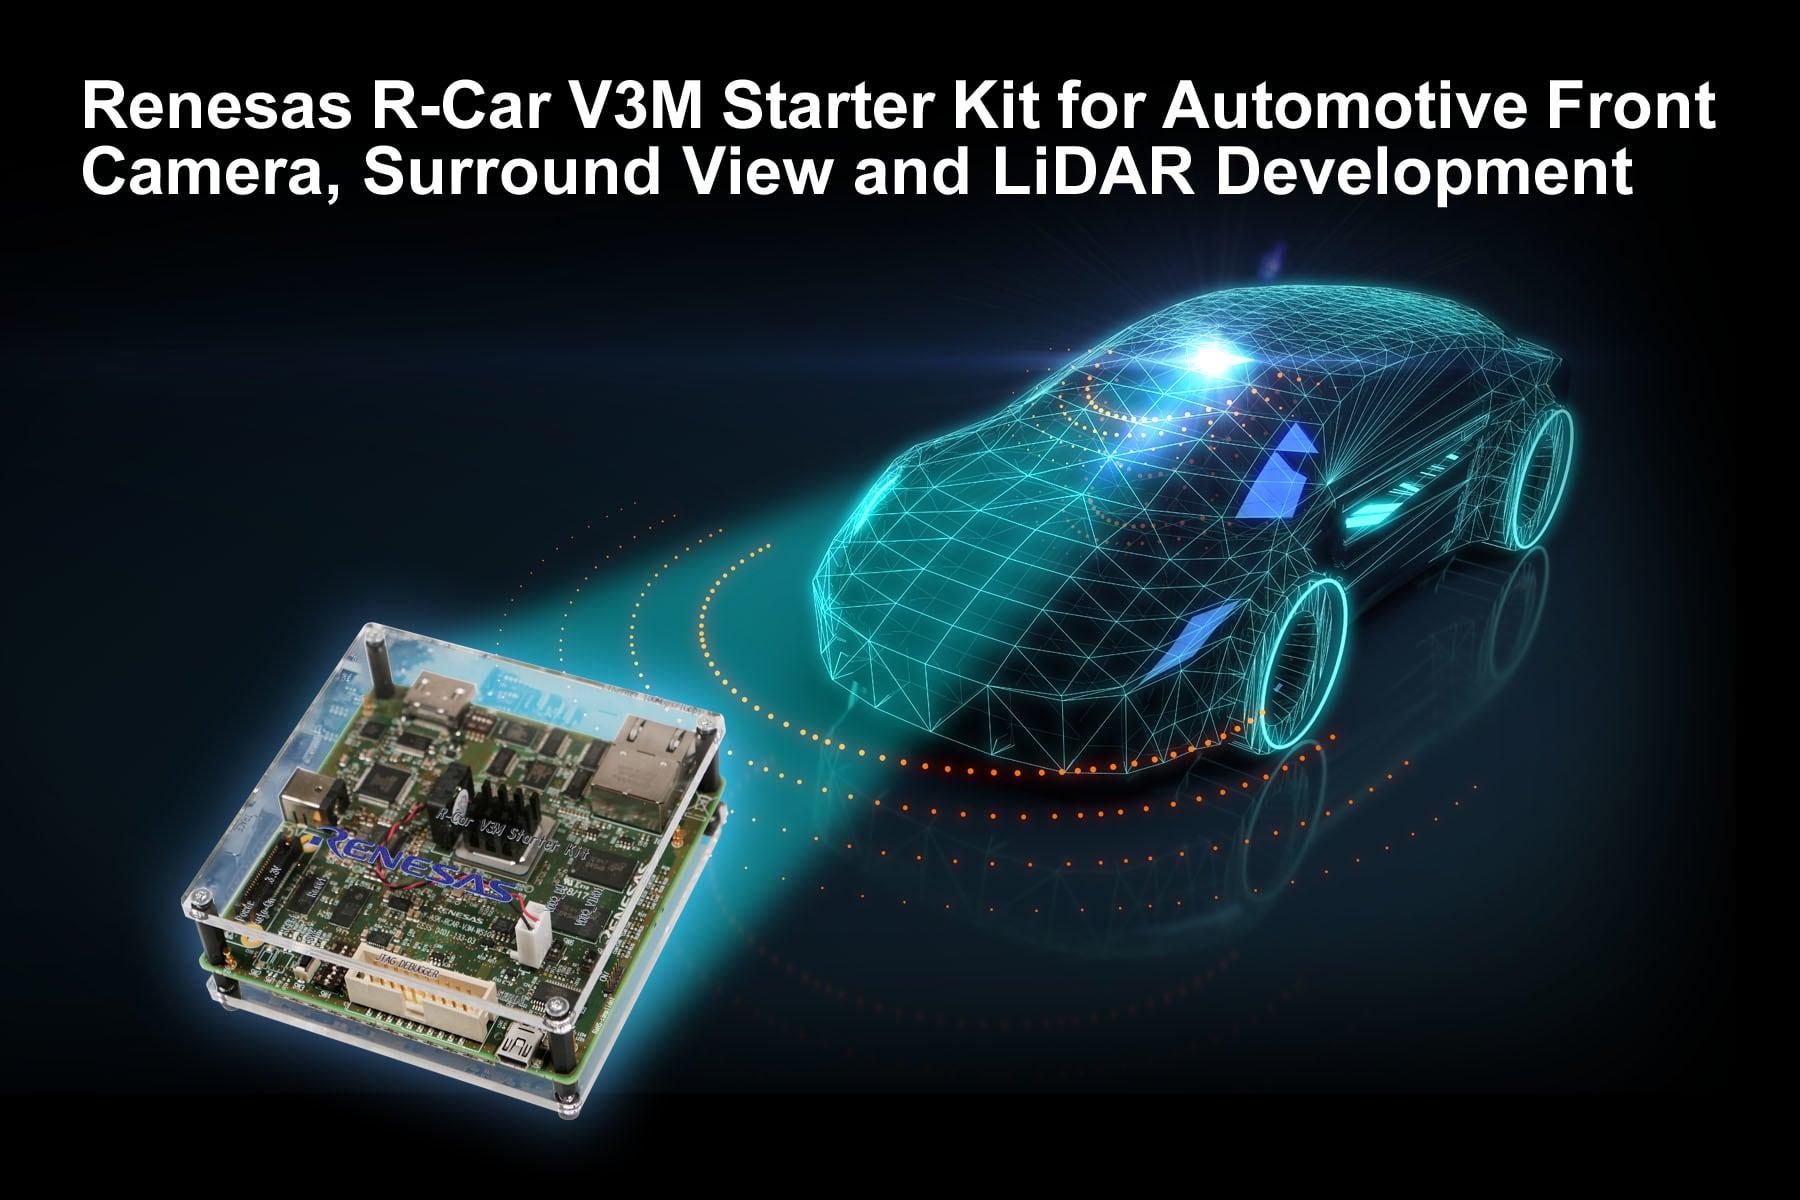 瑞萨电子推出的R-Car V3M入门套件的综合解决方案